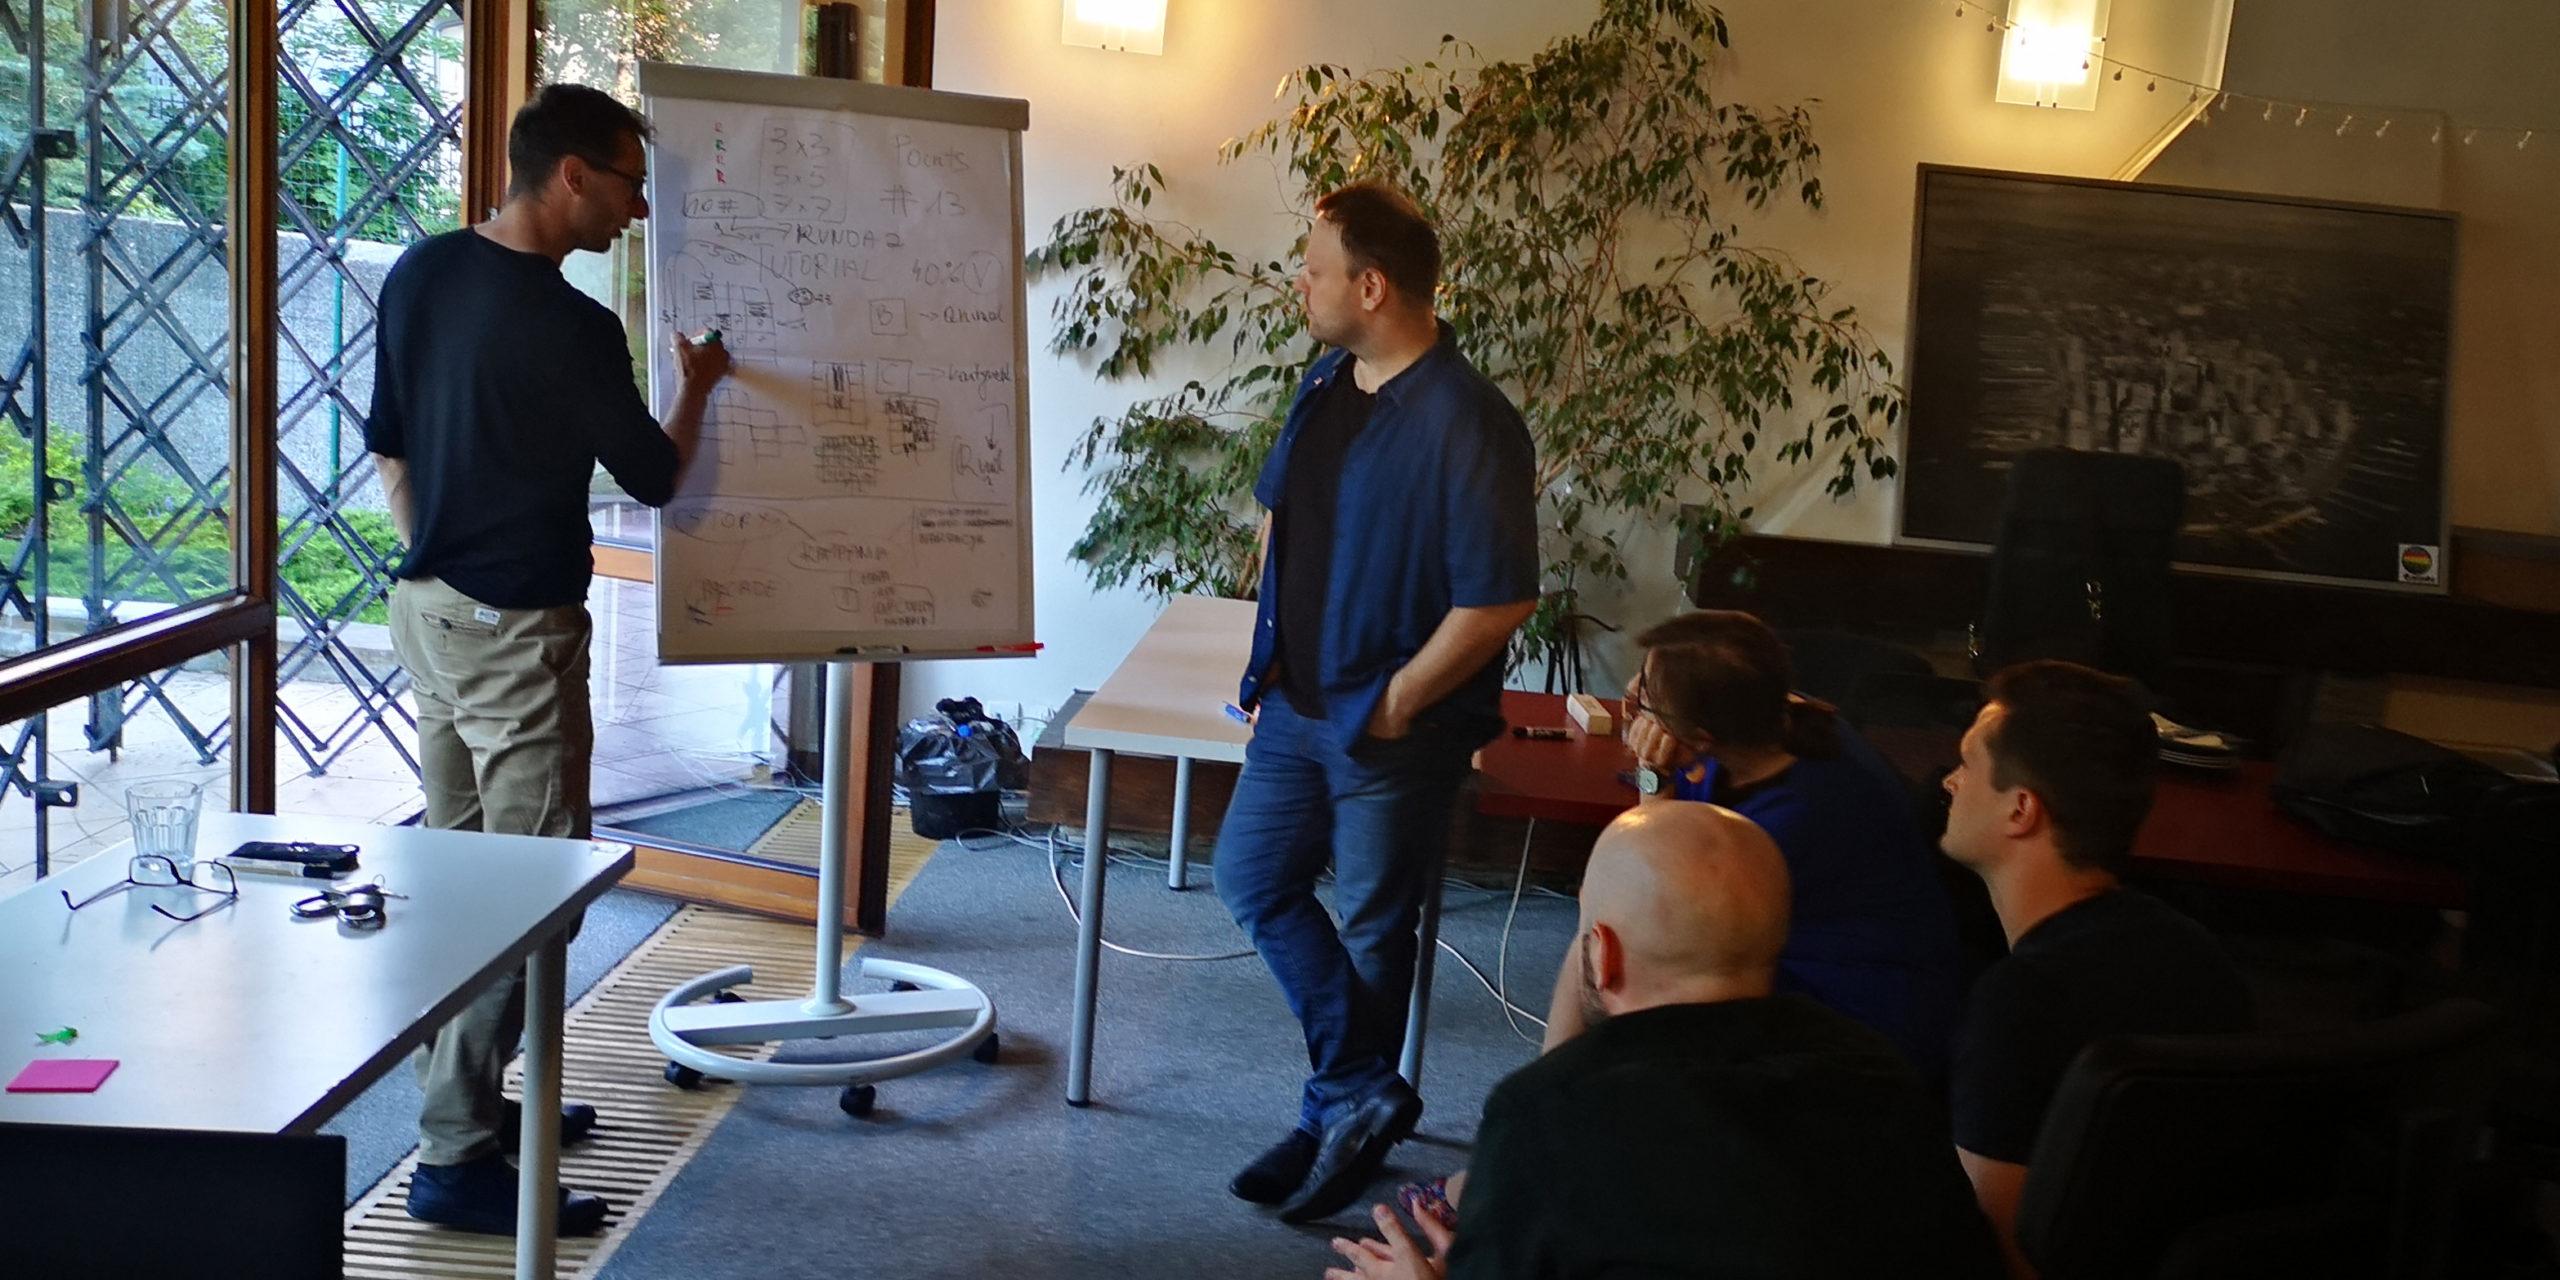 Lukasz Klejnberg из Futuresalt Entertainment о мобильных играх и экологических инициативах